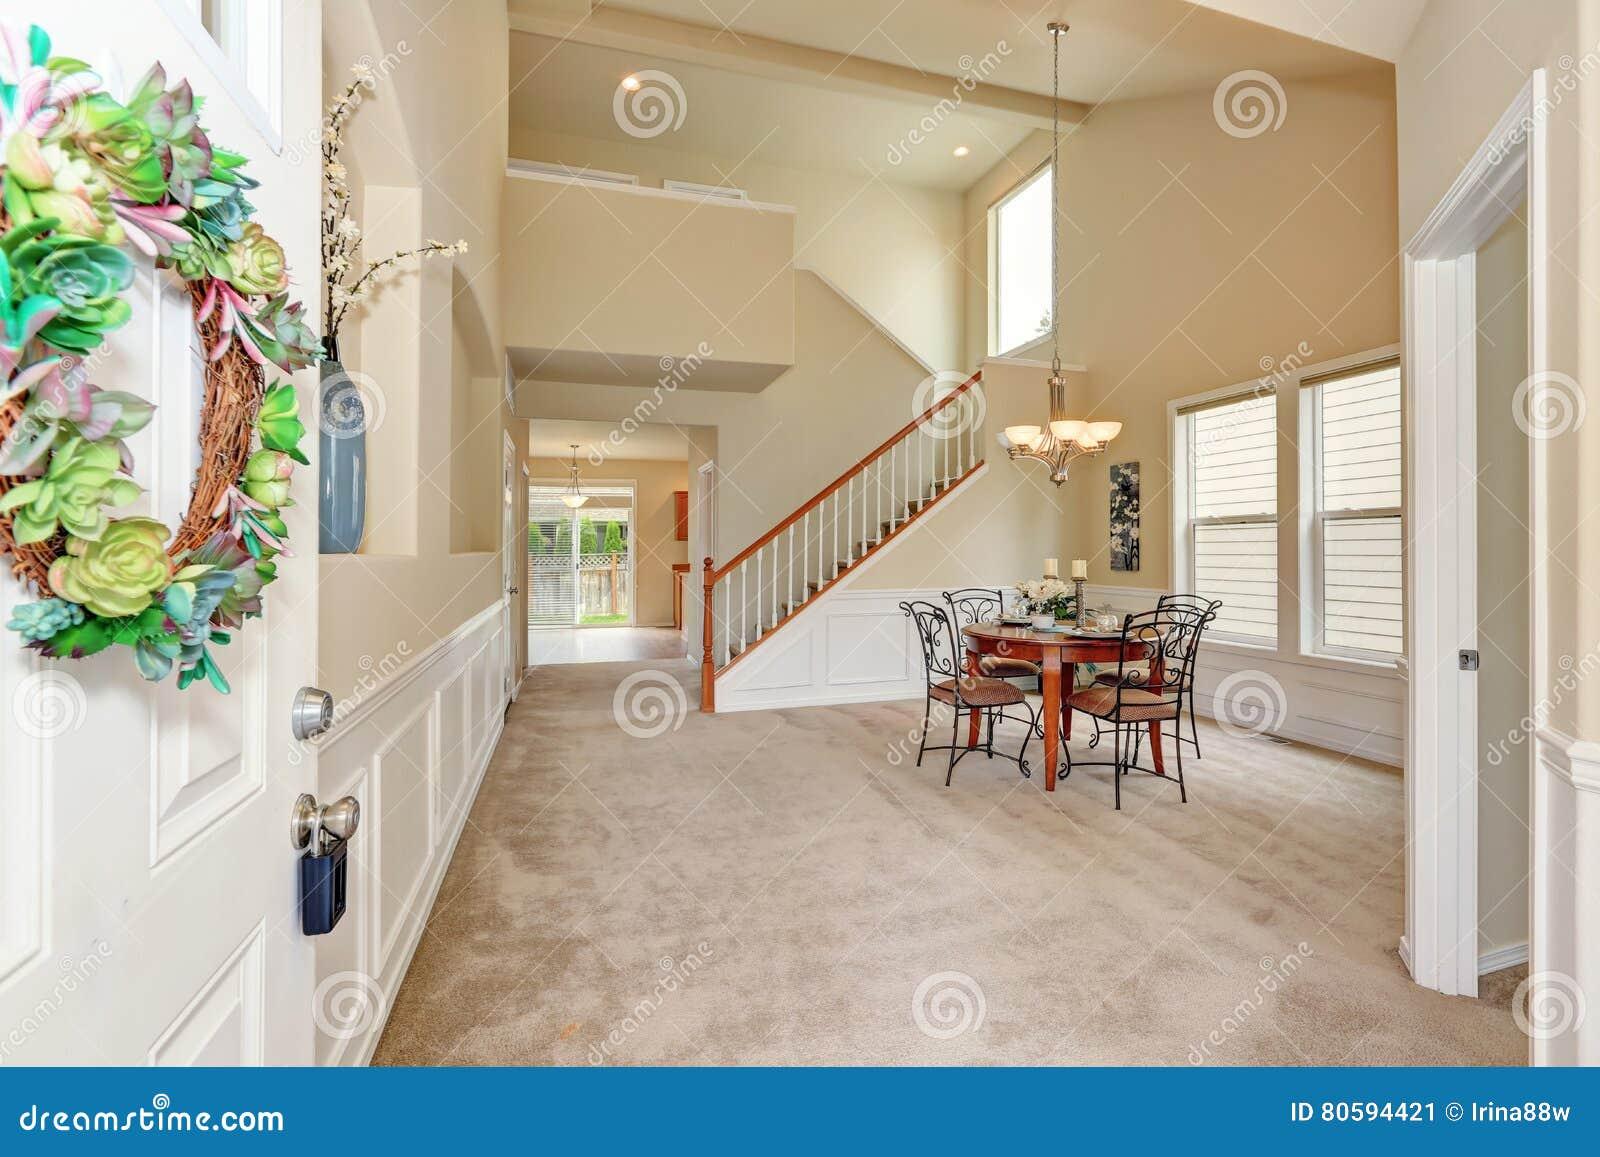 Geöffnete haustür  Geöffnete Haustür Zum Beige Esszimmerinnenraum Der Hohen Decke ...